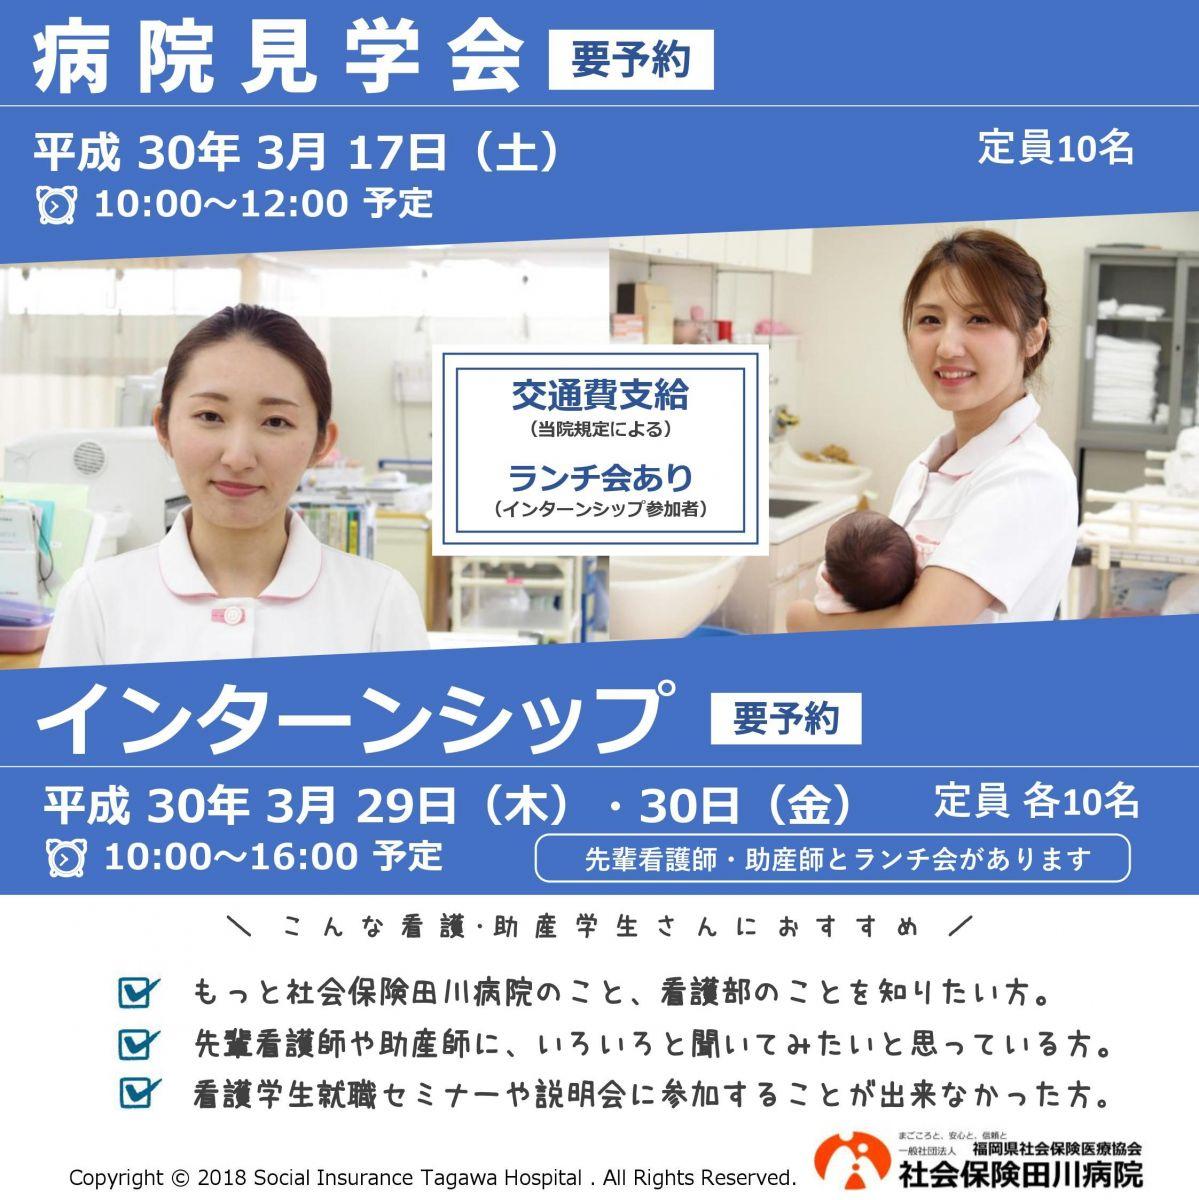 最新情報|新着情報|社会保険 田川病院